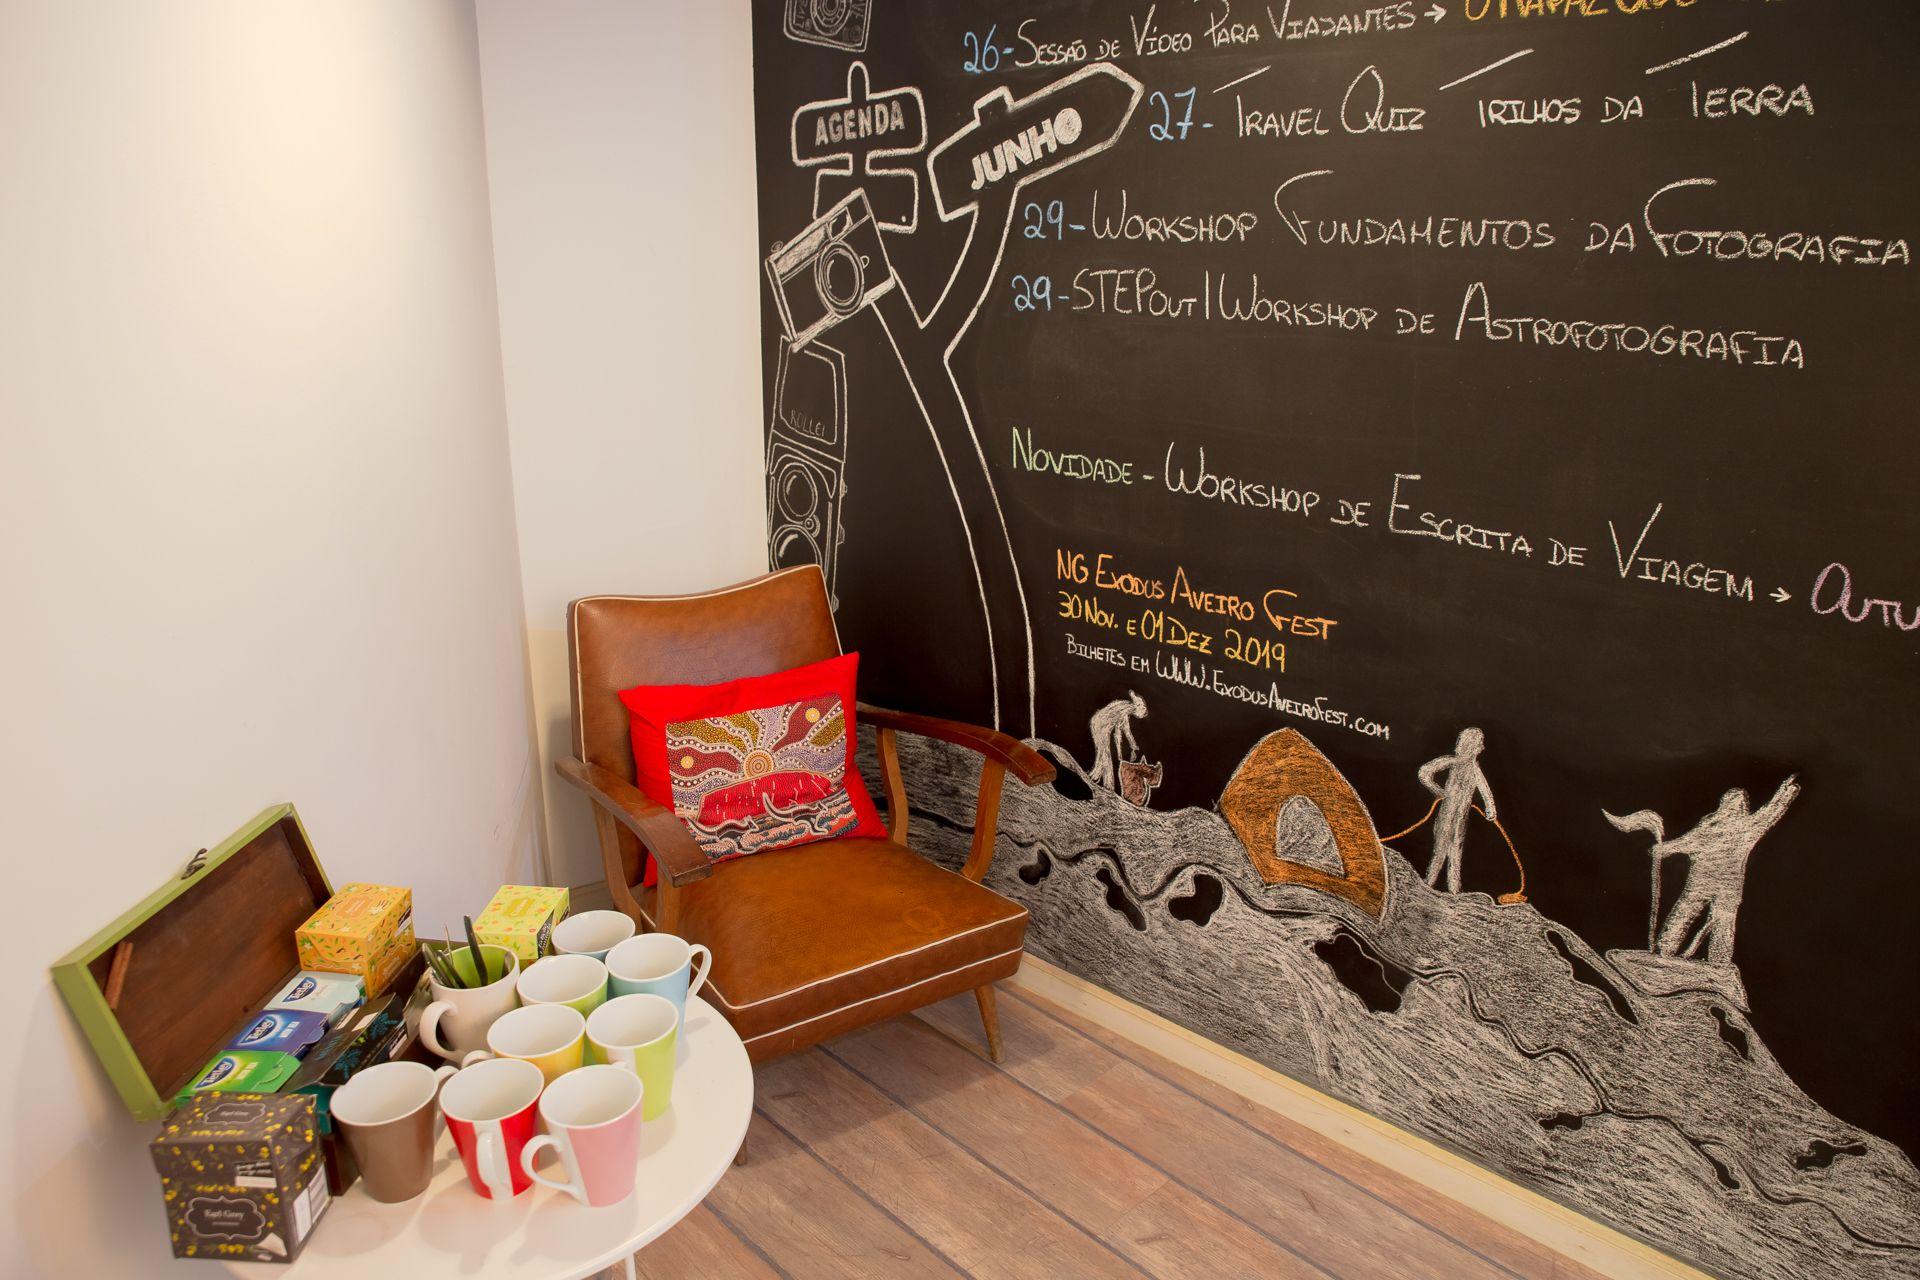 Trilhos da Terra Cowork Studio, Aveiro